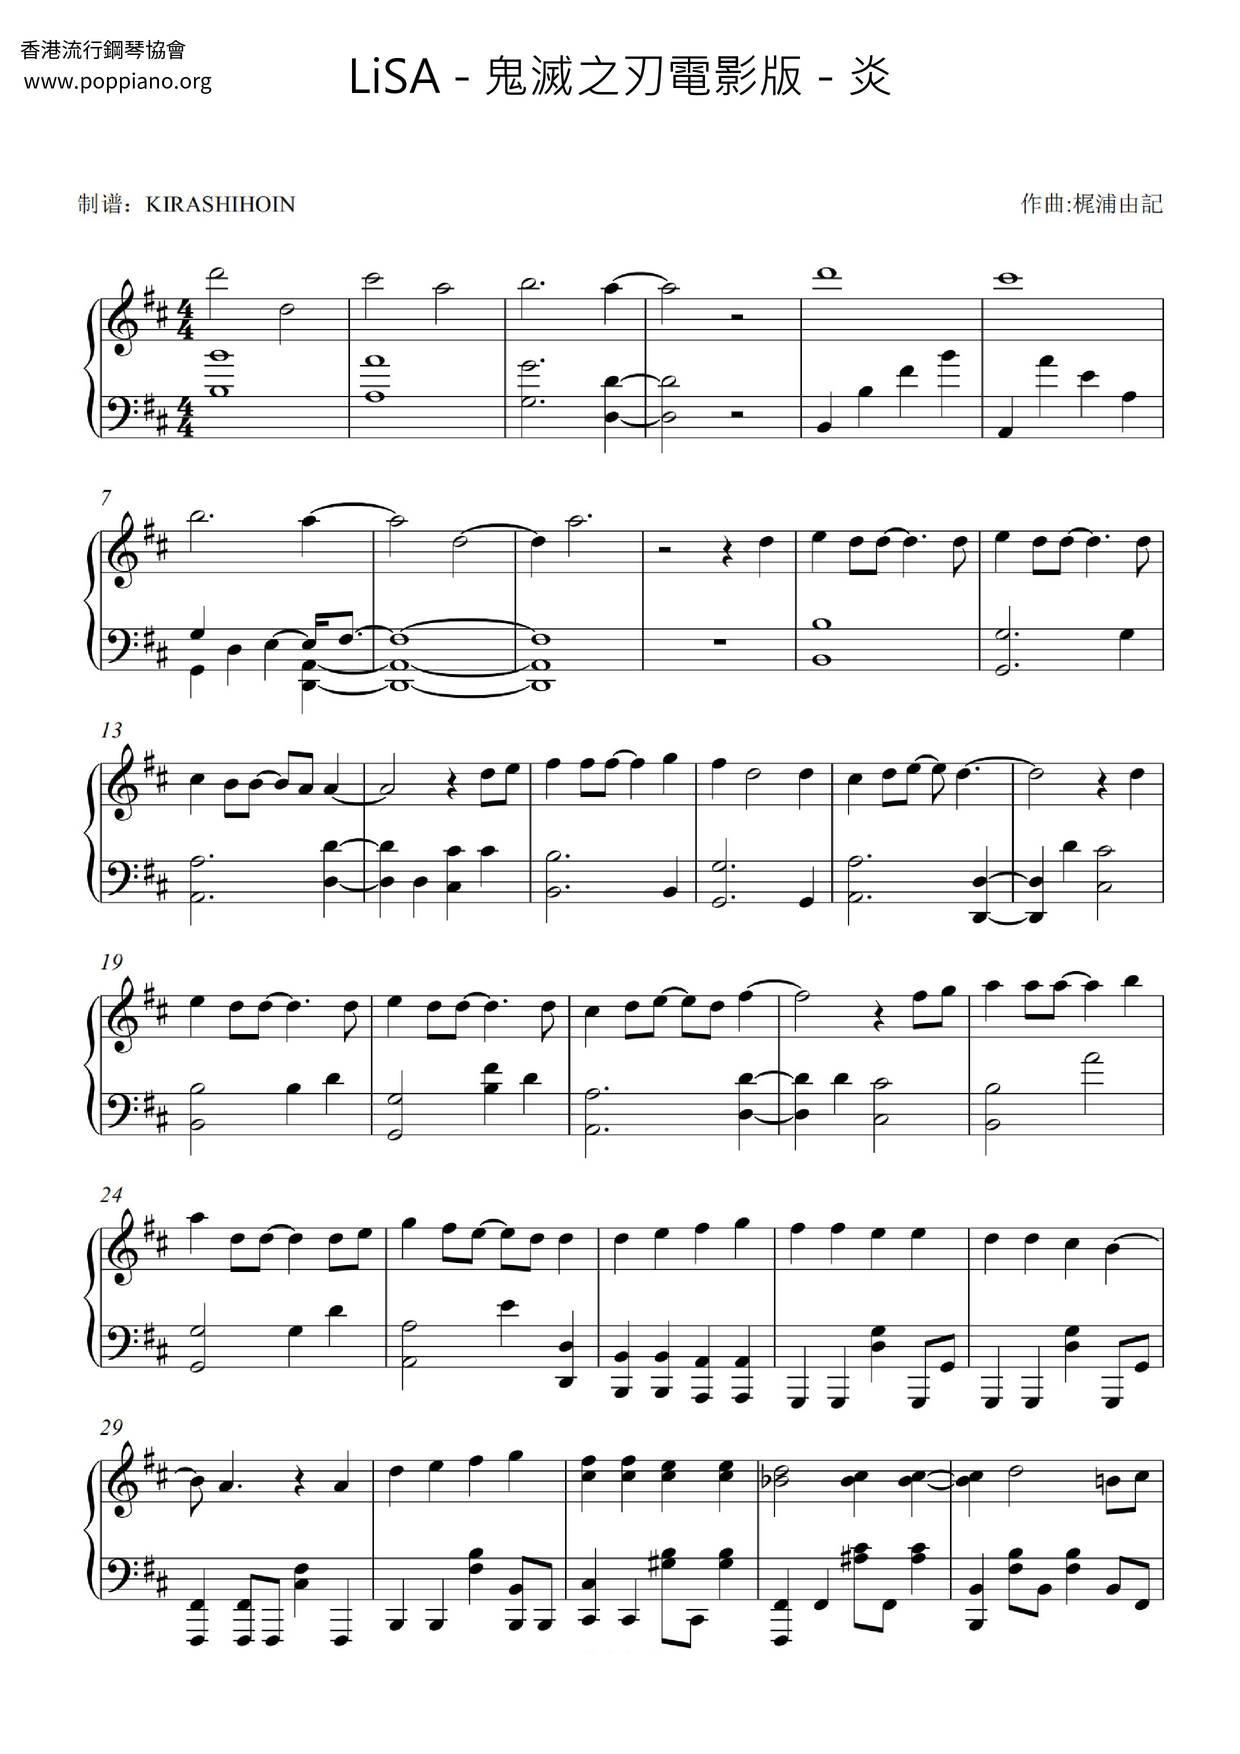 鬼 滅 の刃 曲 楽譜 無料